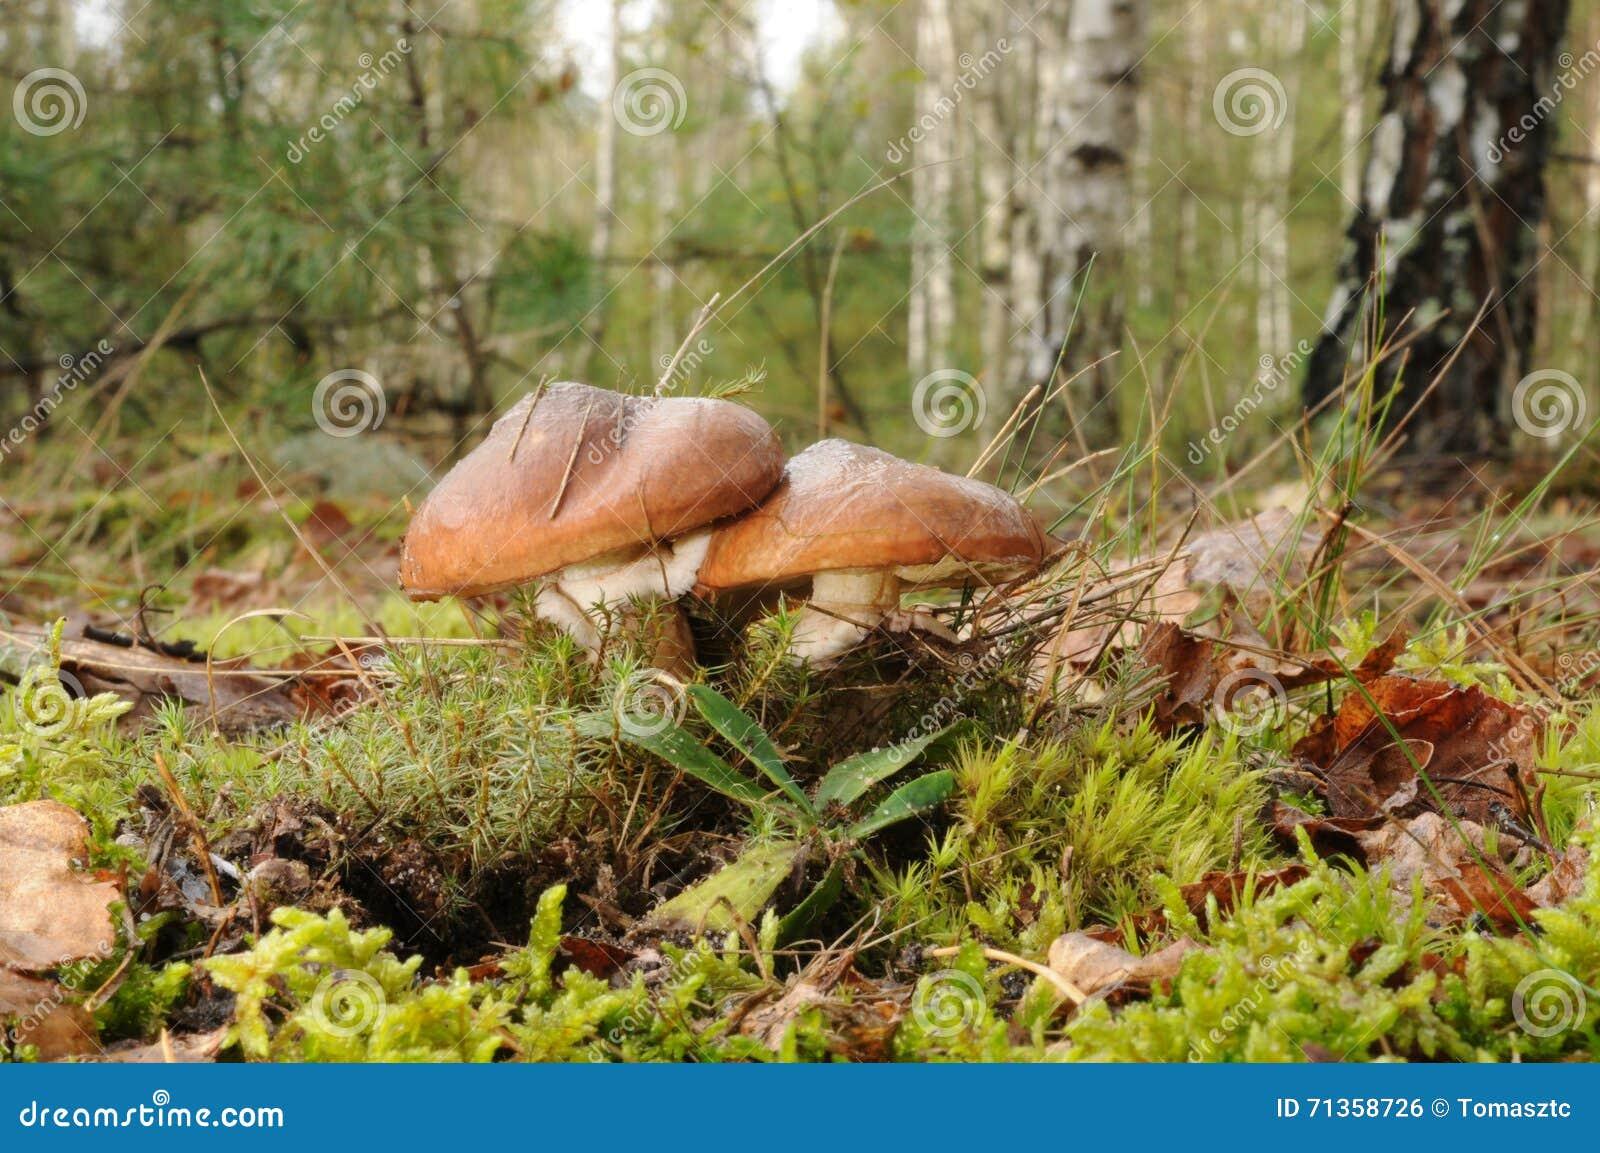 Suillus luteus Pilz mit Bäumen des Waldes im Hintergrund